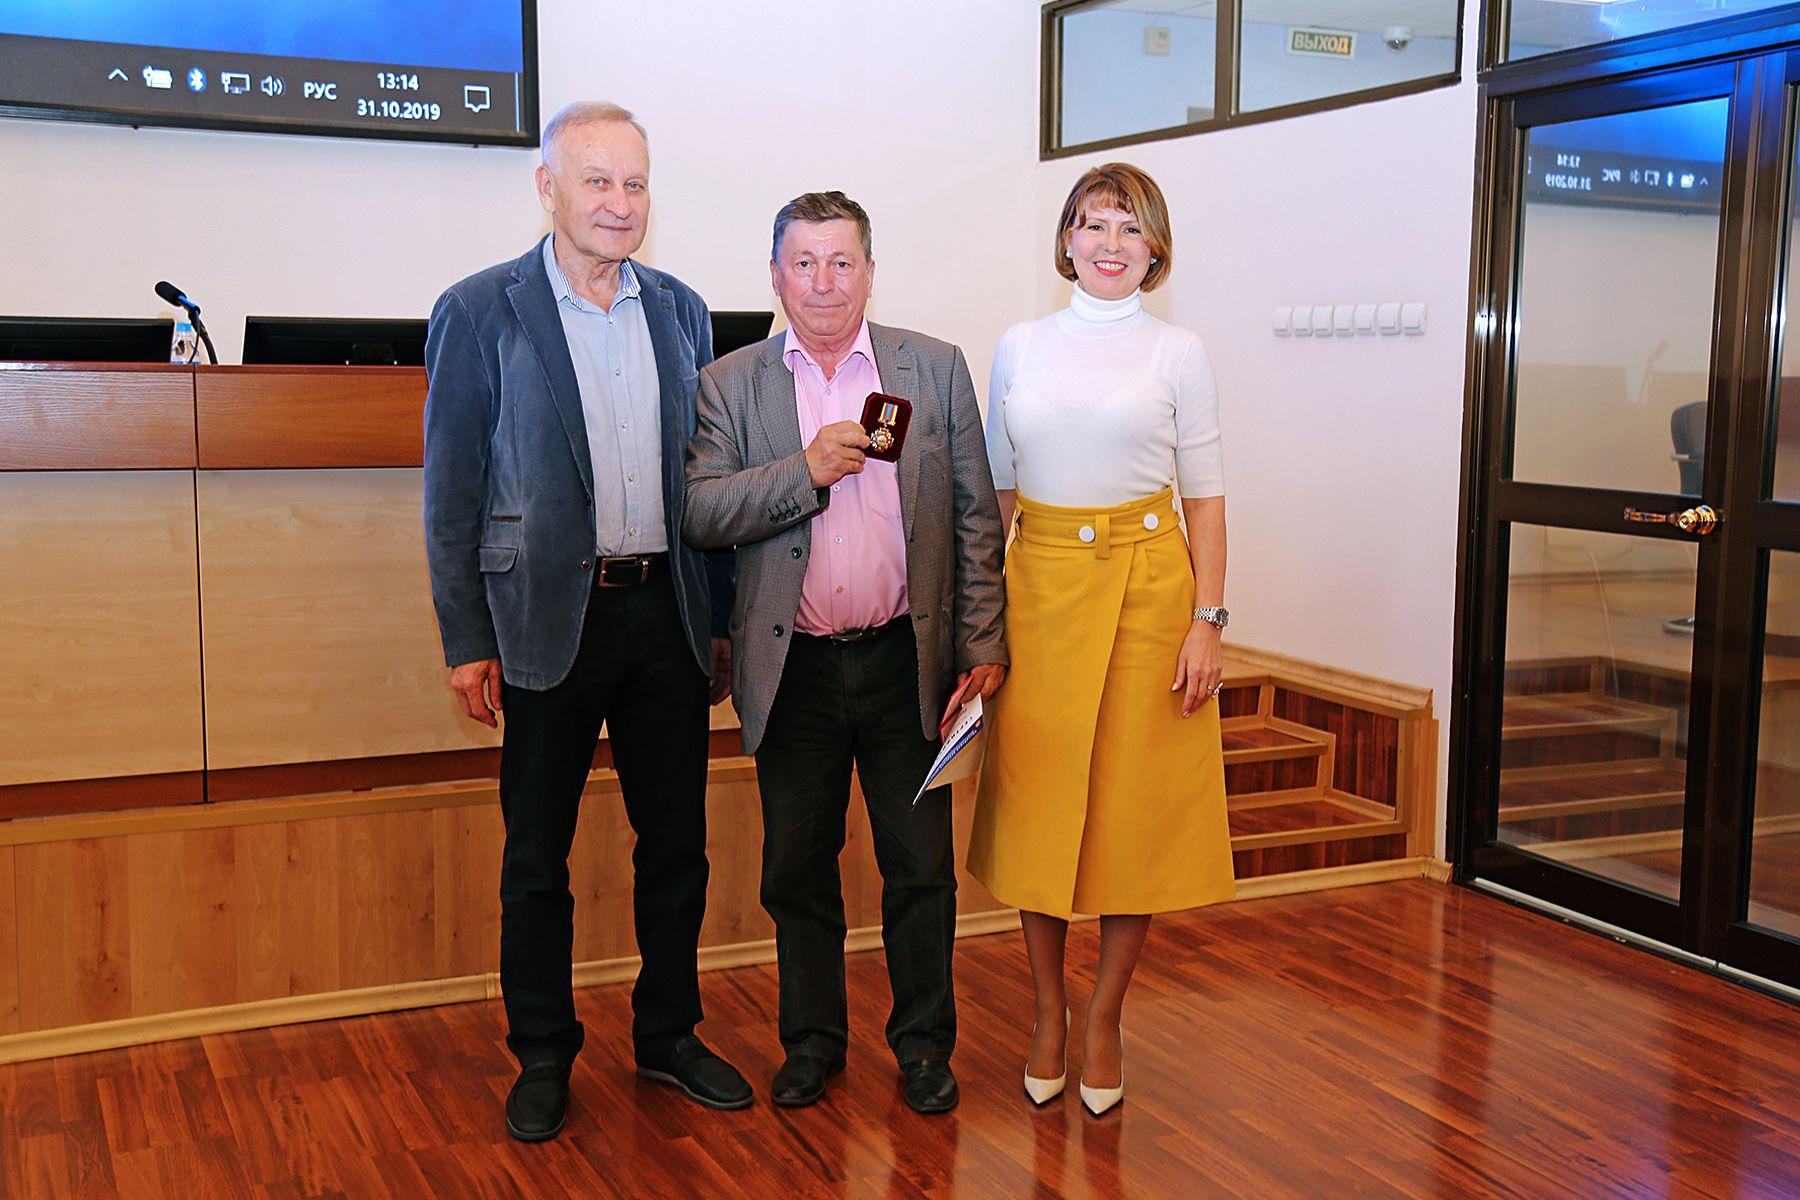 Ректор и президент ВГУЭС поздравили членов Ученого Совета с присвоением ученых званий и наградили за вклад в развитие образования